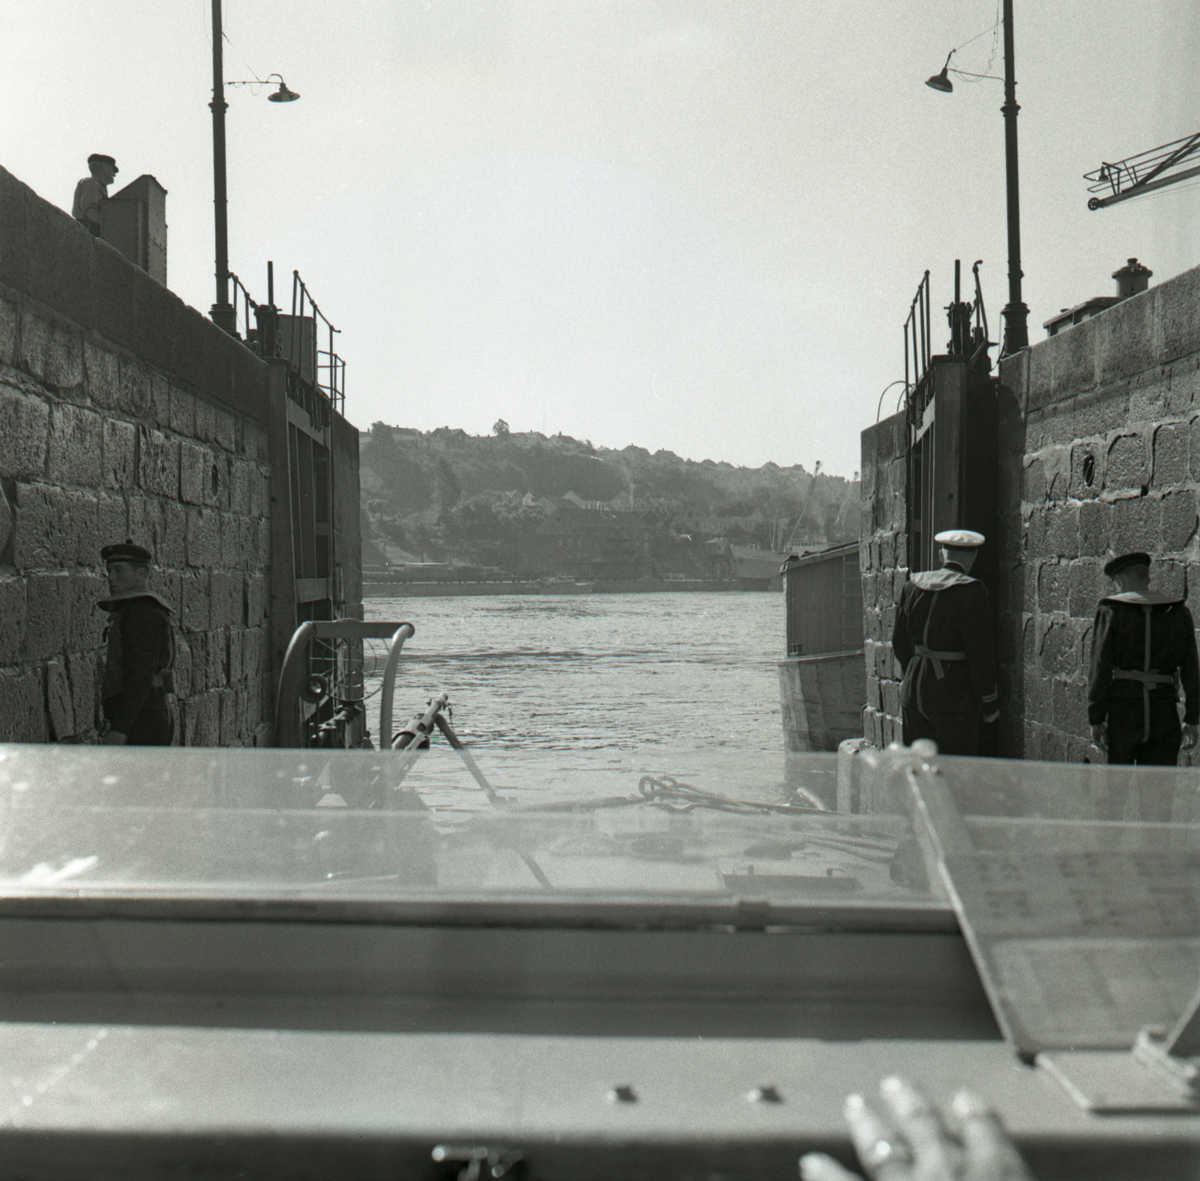 Samlefoto: Elco-klasse MTB-er gjennom Bandak-kanalen i juli 1953. Slusekjøring.